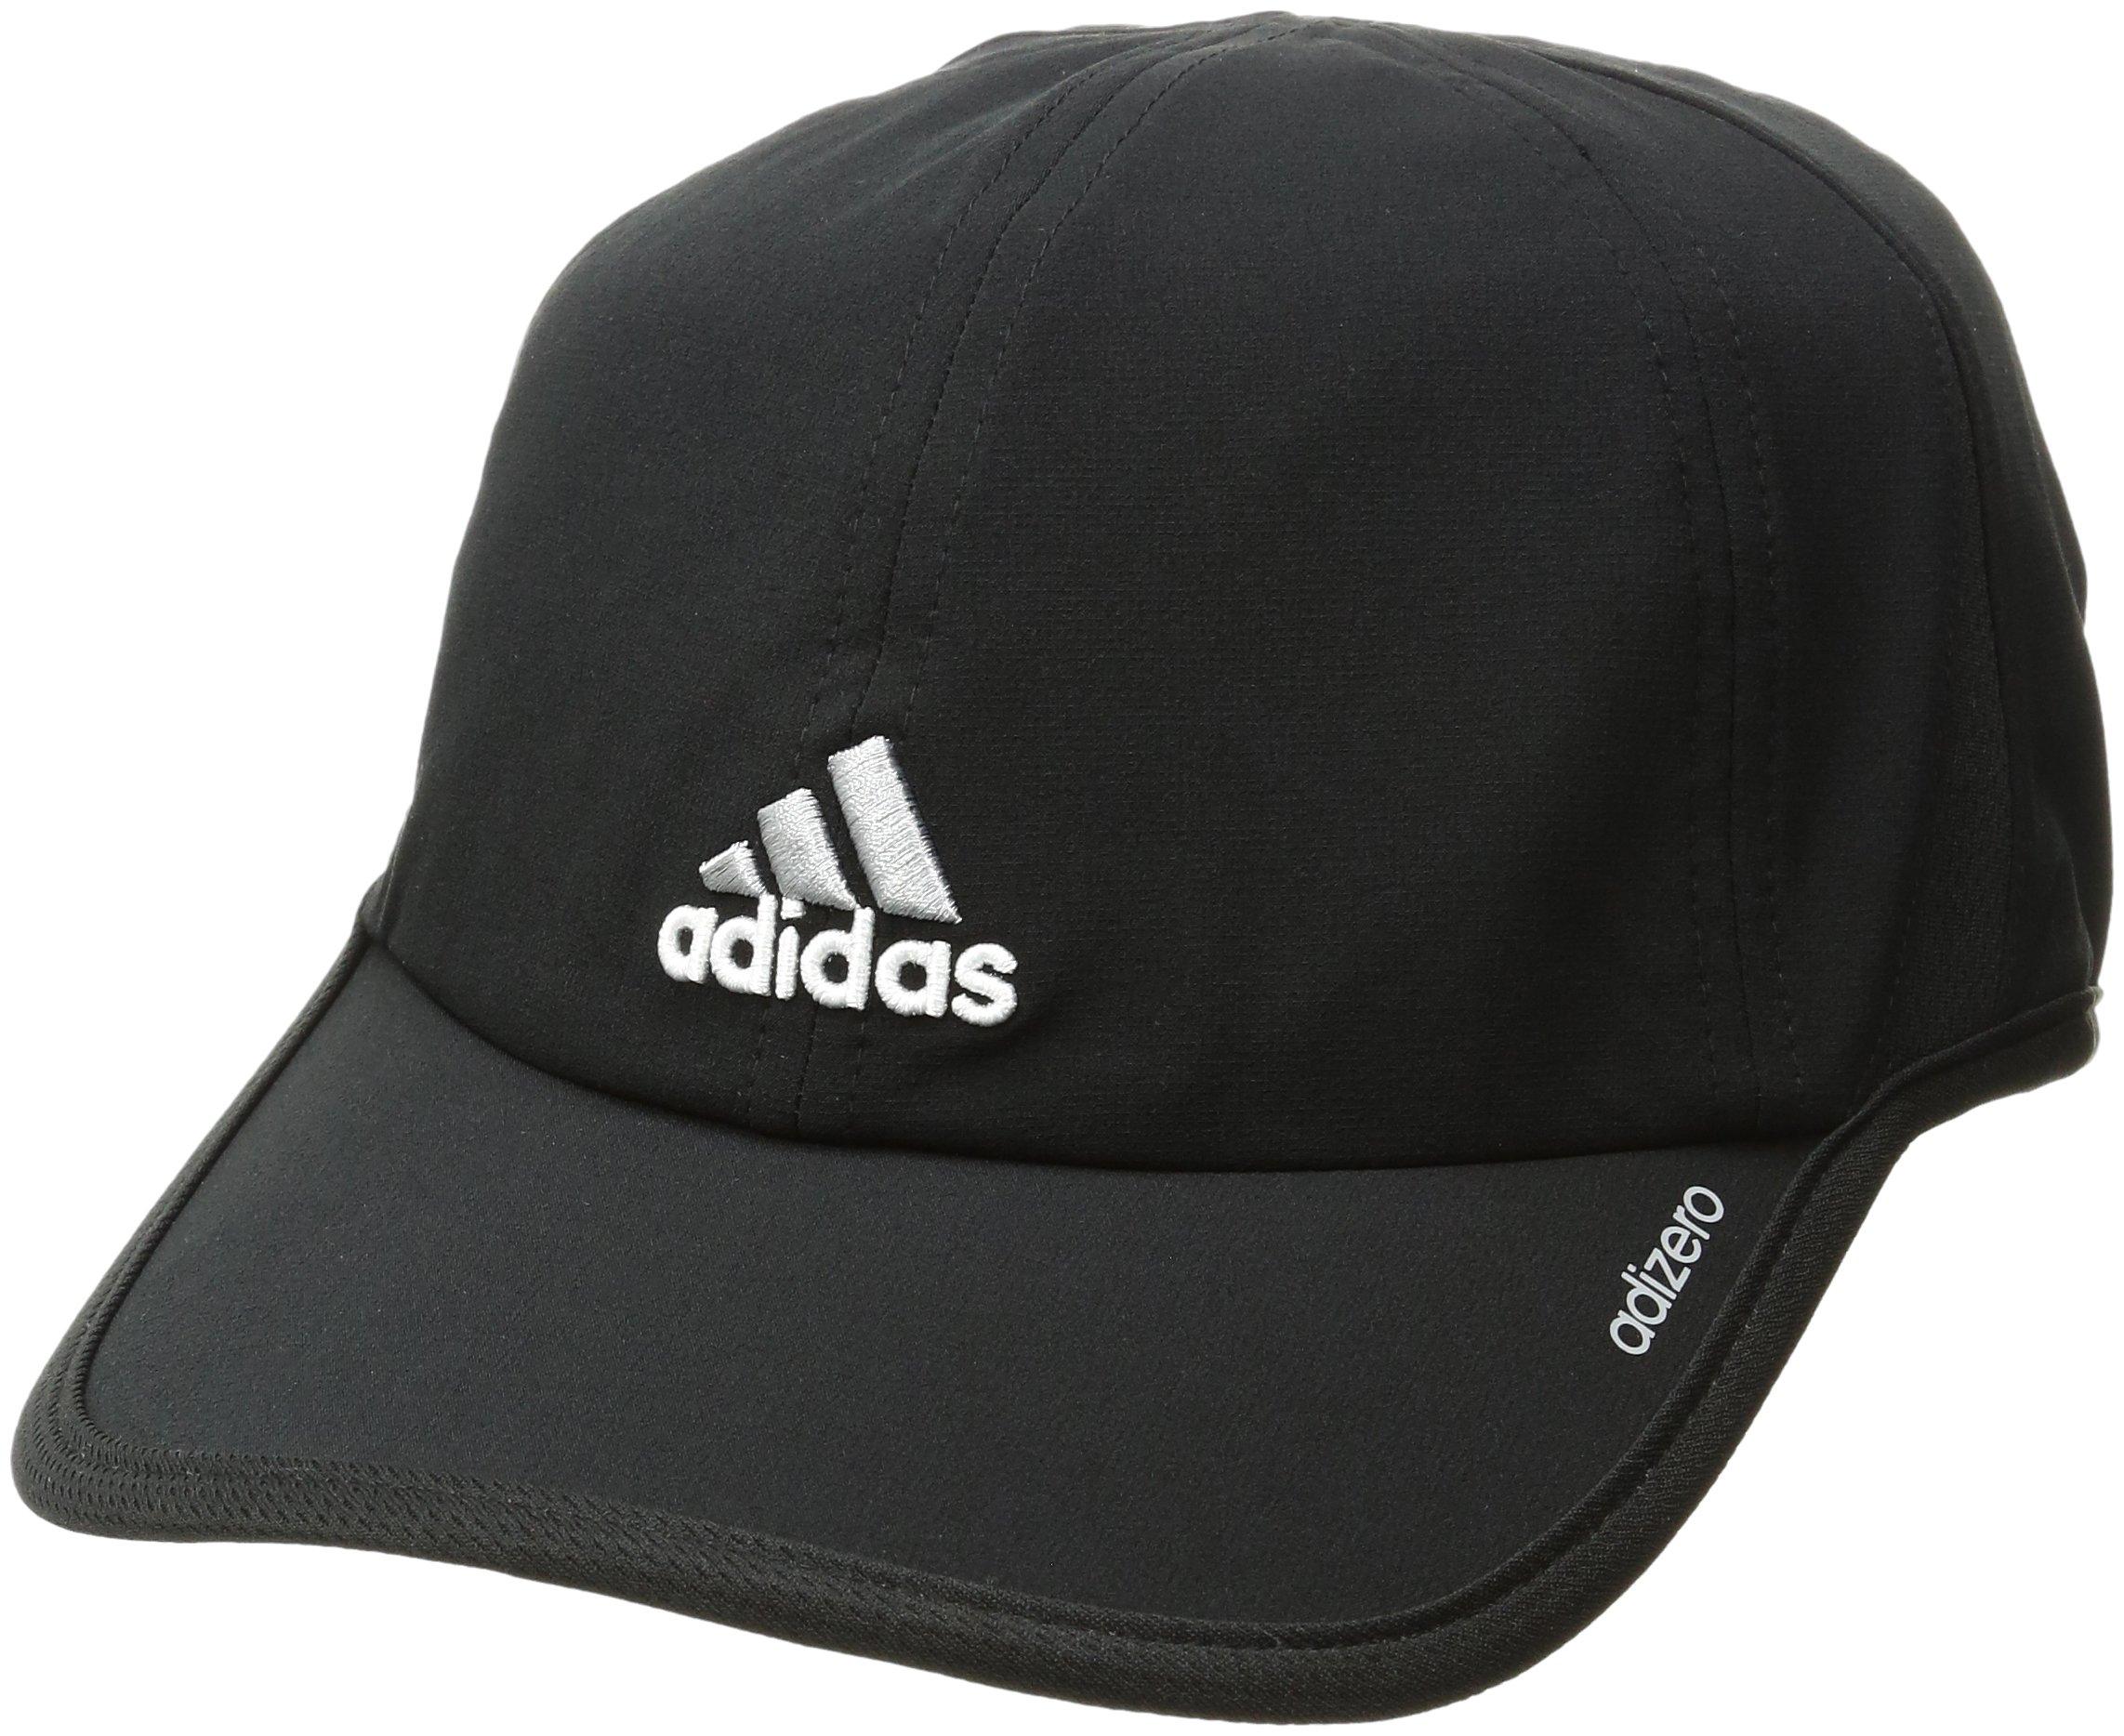 New Adidas Men s Adizero Cap Hat Black Aluminum One Size Adjustable ... 7fb5397cc67